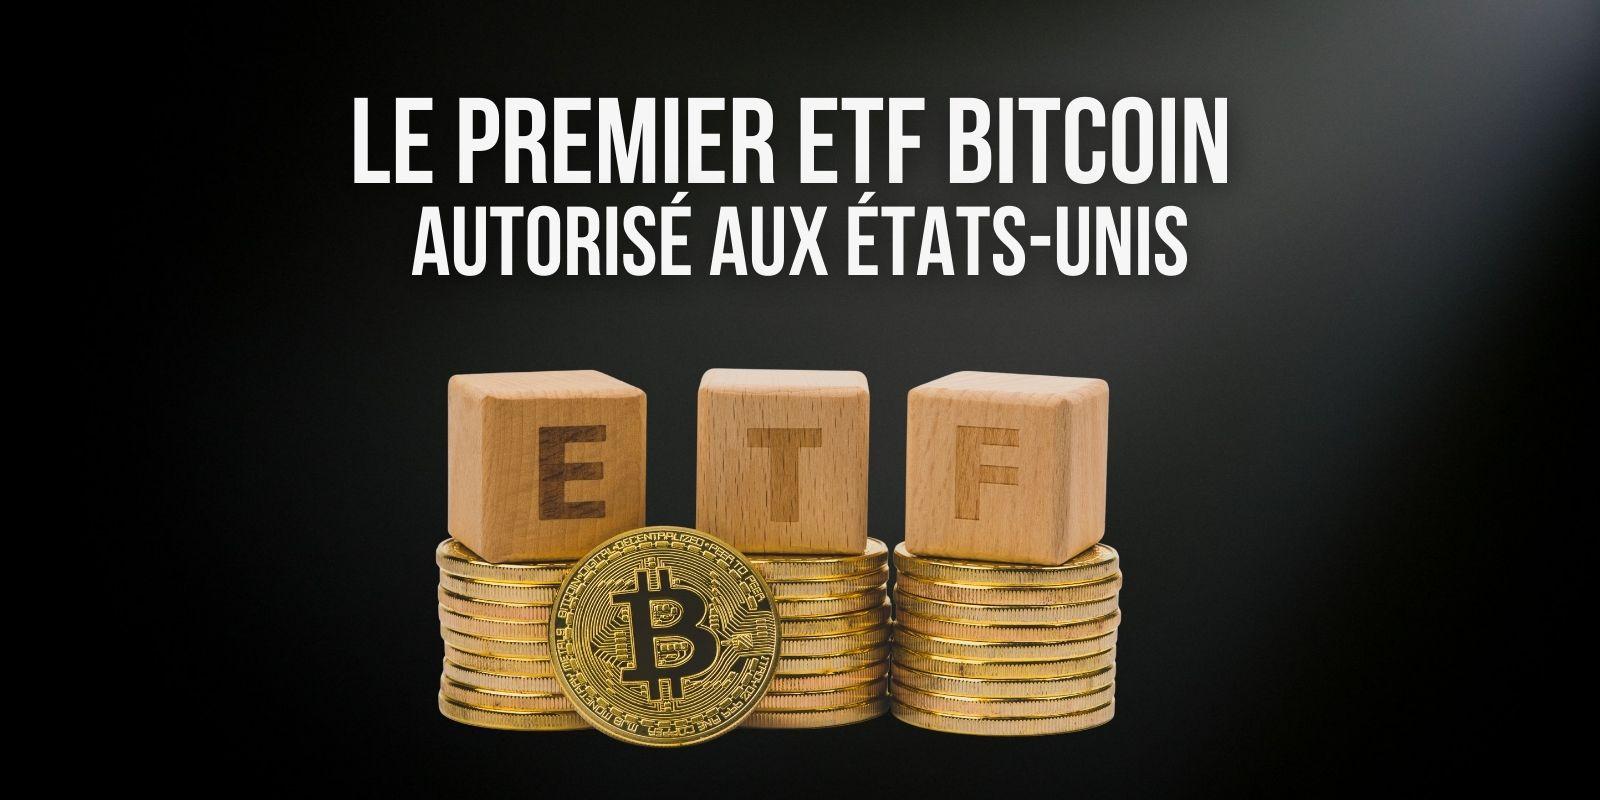 Après des années d'attente, le premier ETF Bitcoin (BTC) a été autorisé aux États-Unis